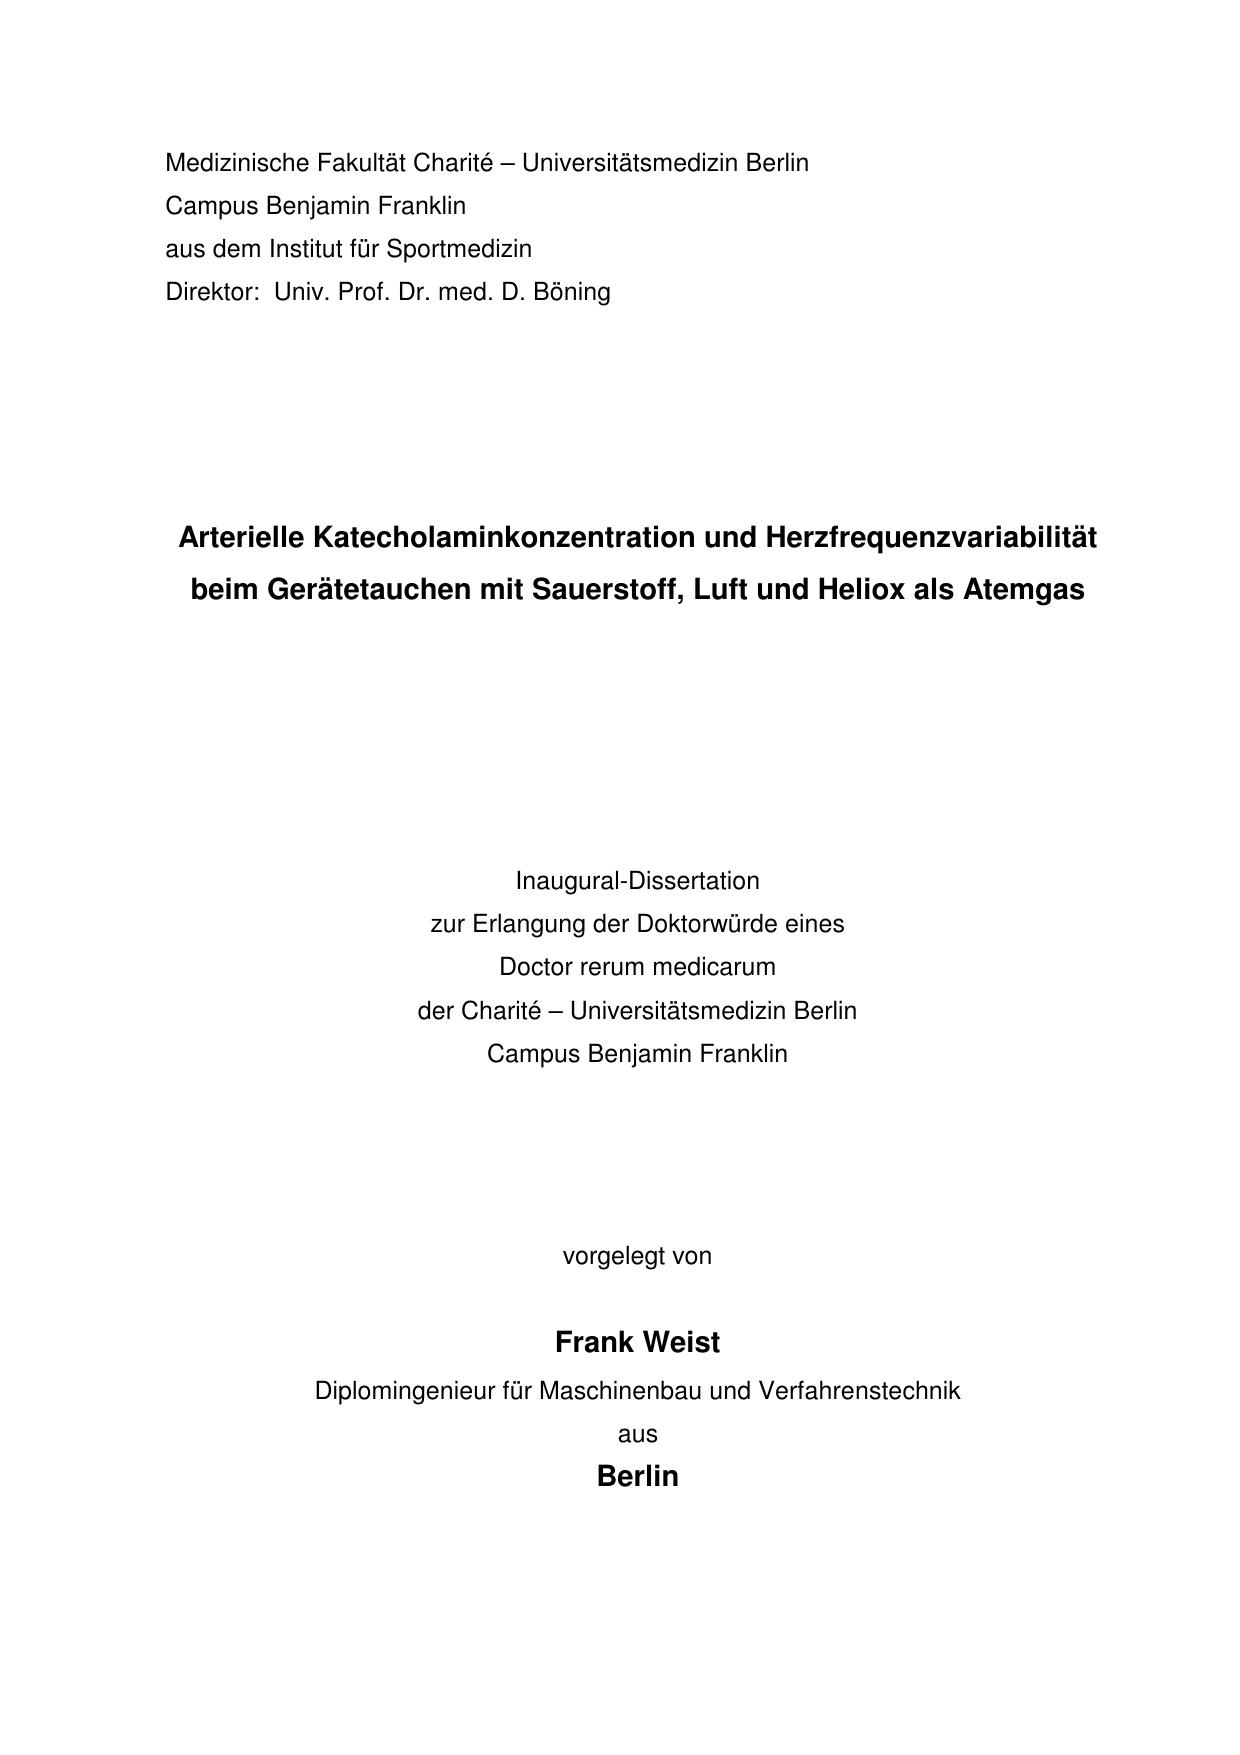 Arterielle Katecholaminkonzentration und Herzfrequenzvariabilität ...